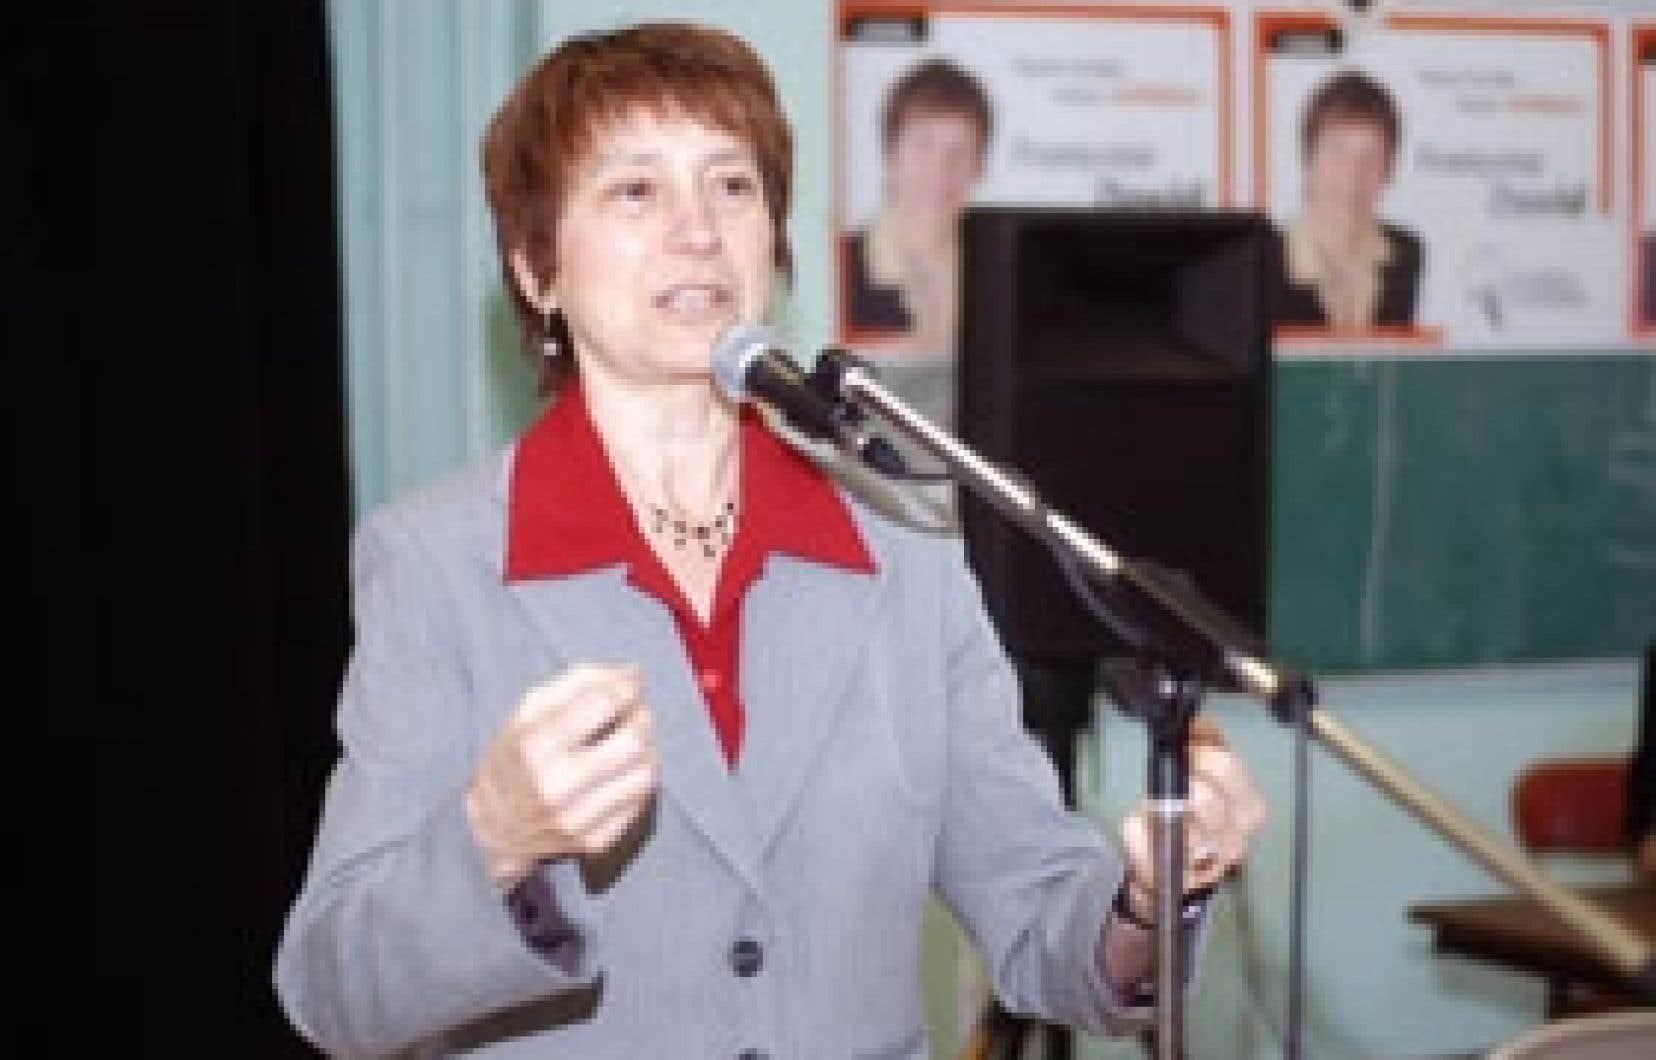 Plus de 200 personnes ont participé hier à l'assemblée organisée dans une école de Gouin pour le lancement officiel de la campagne de Françoise David, de Québec solidaire.